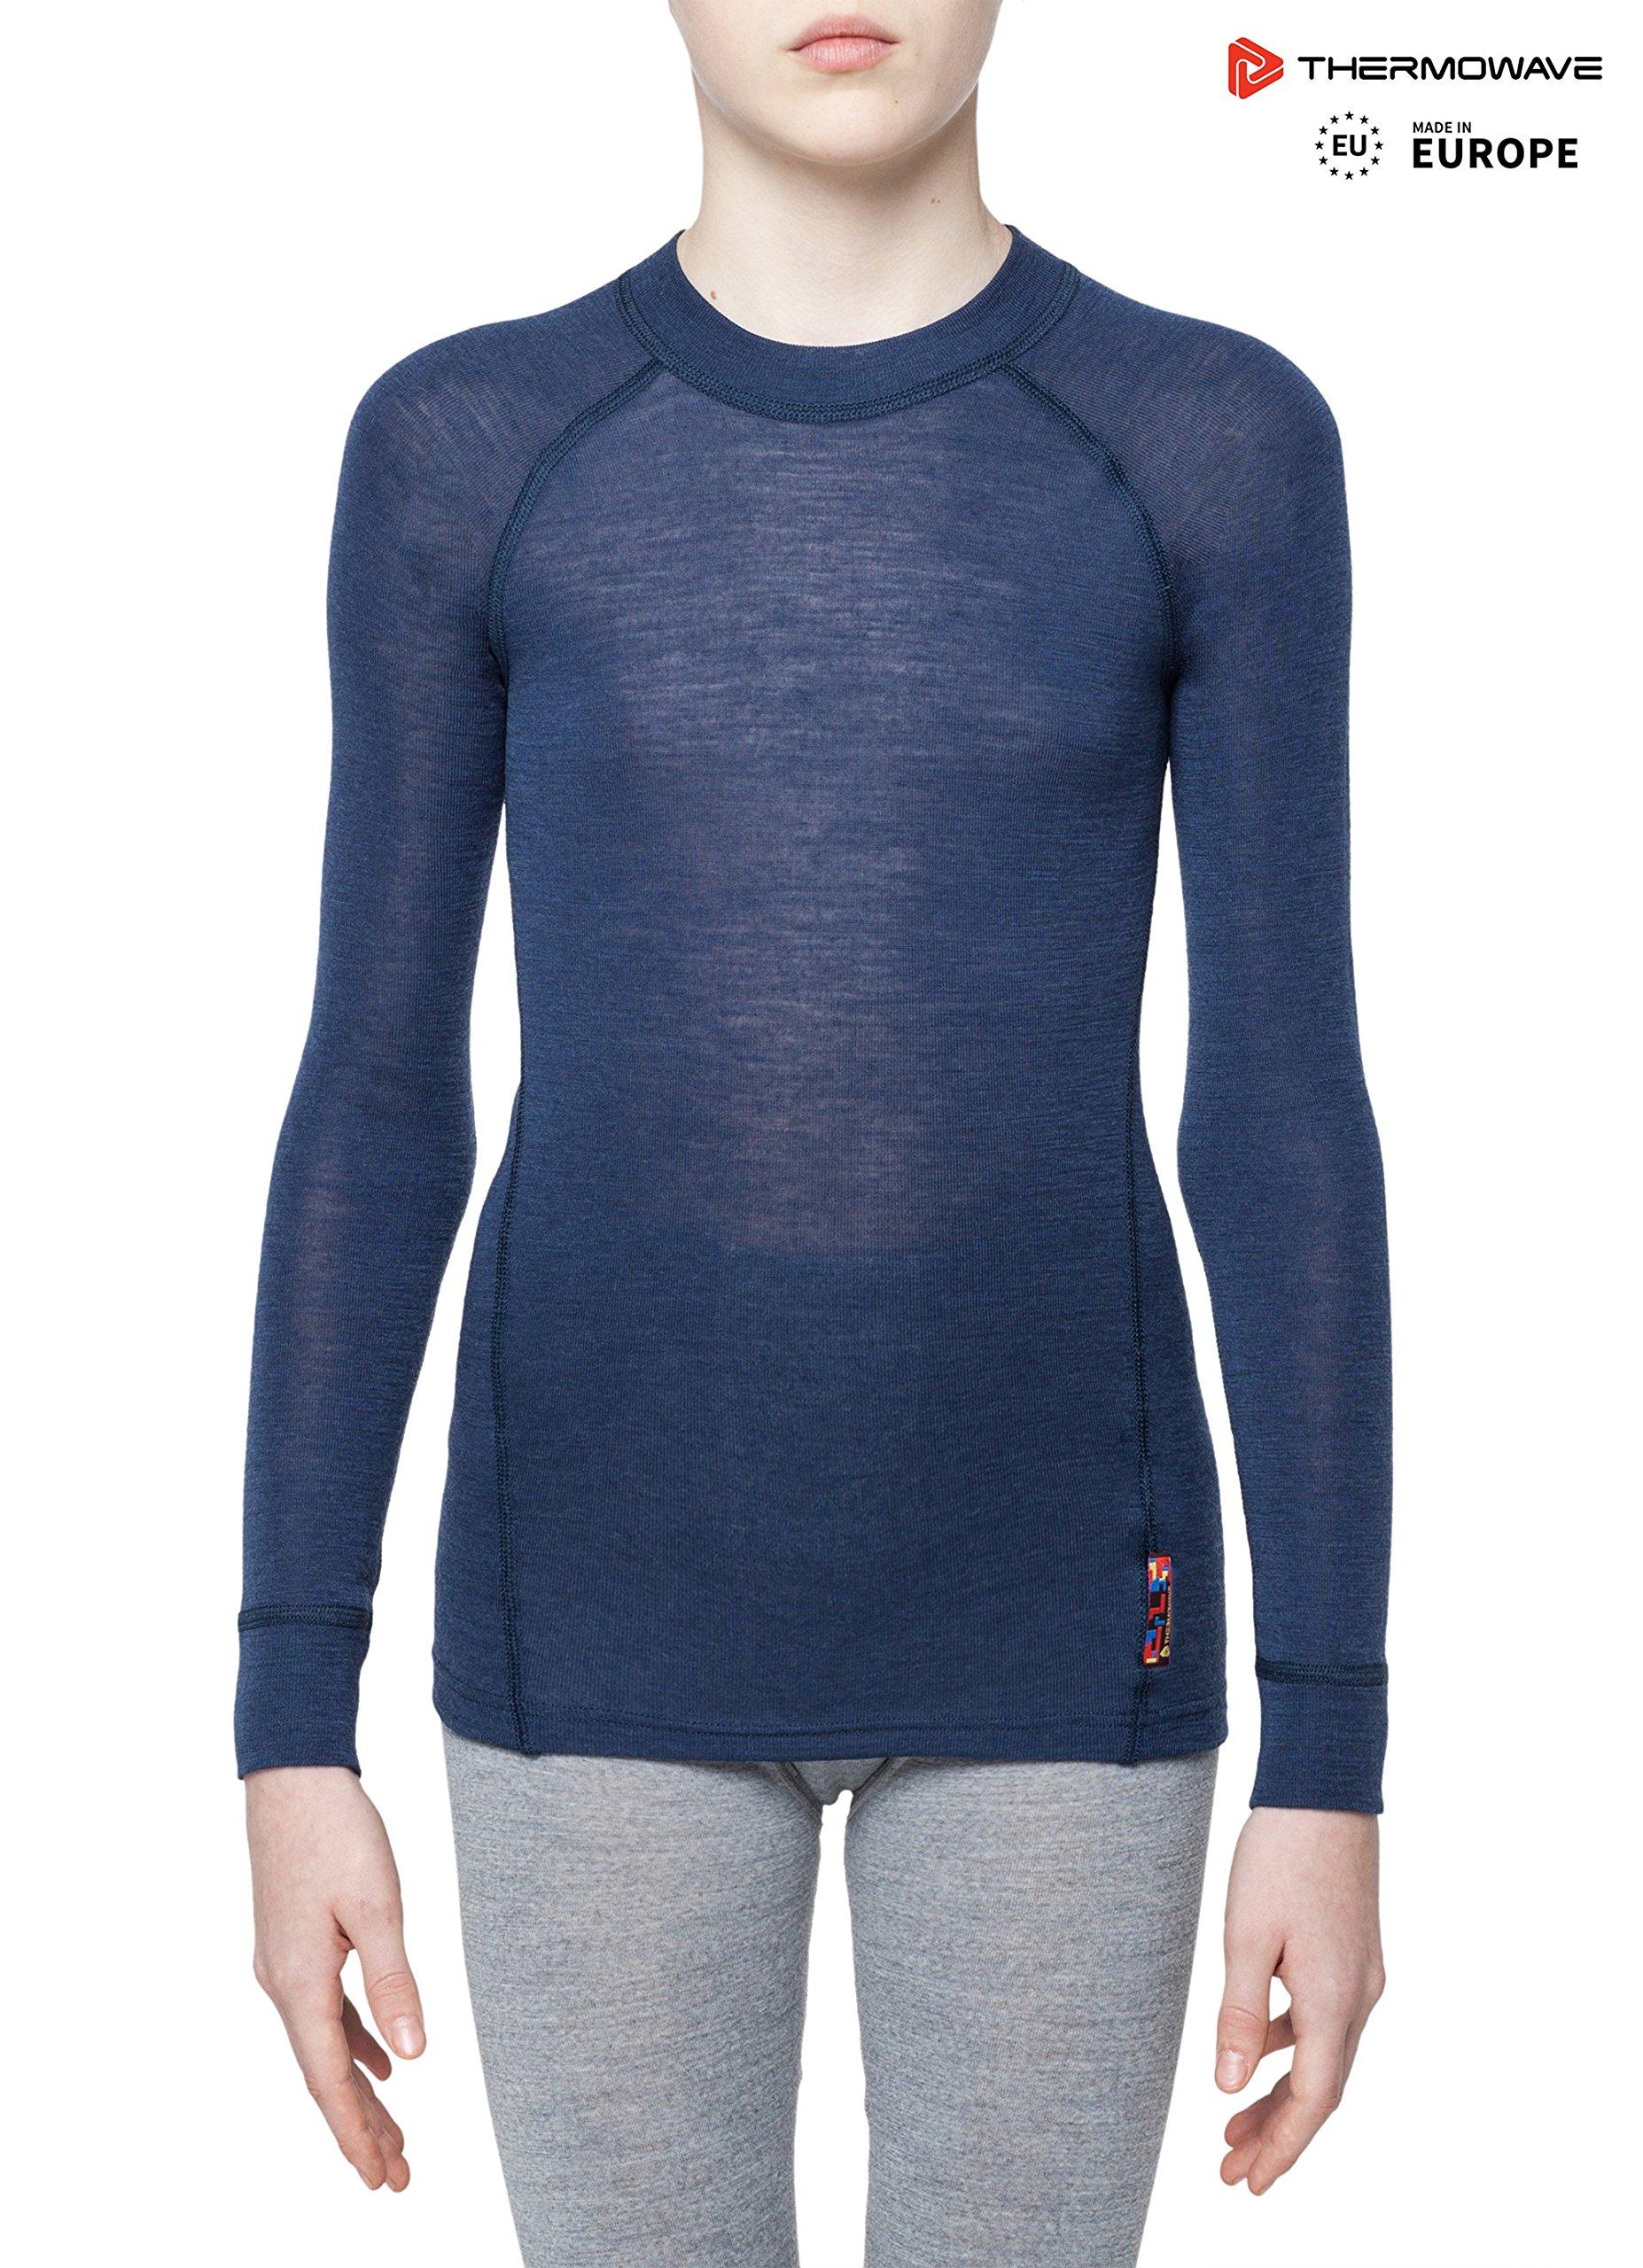 Thermowave - Merino Warm/Junior Merino Wool Shirt/Sargasso SEA - 158-164